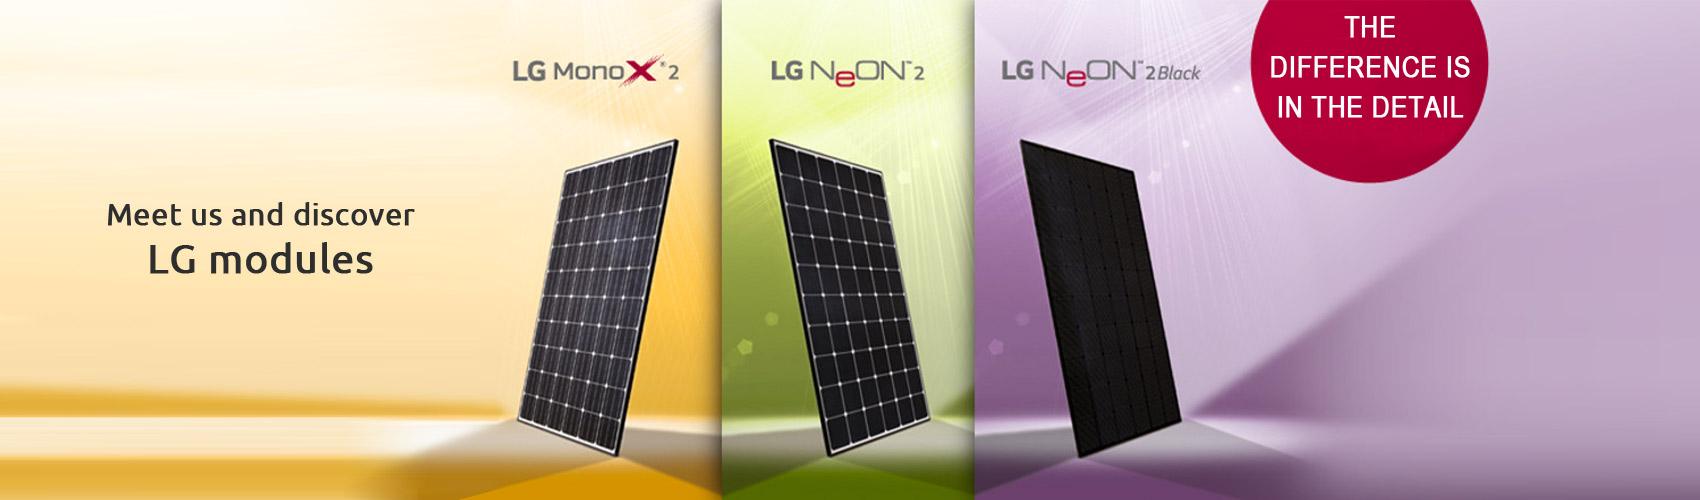 LG_moduls